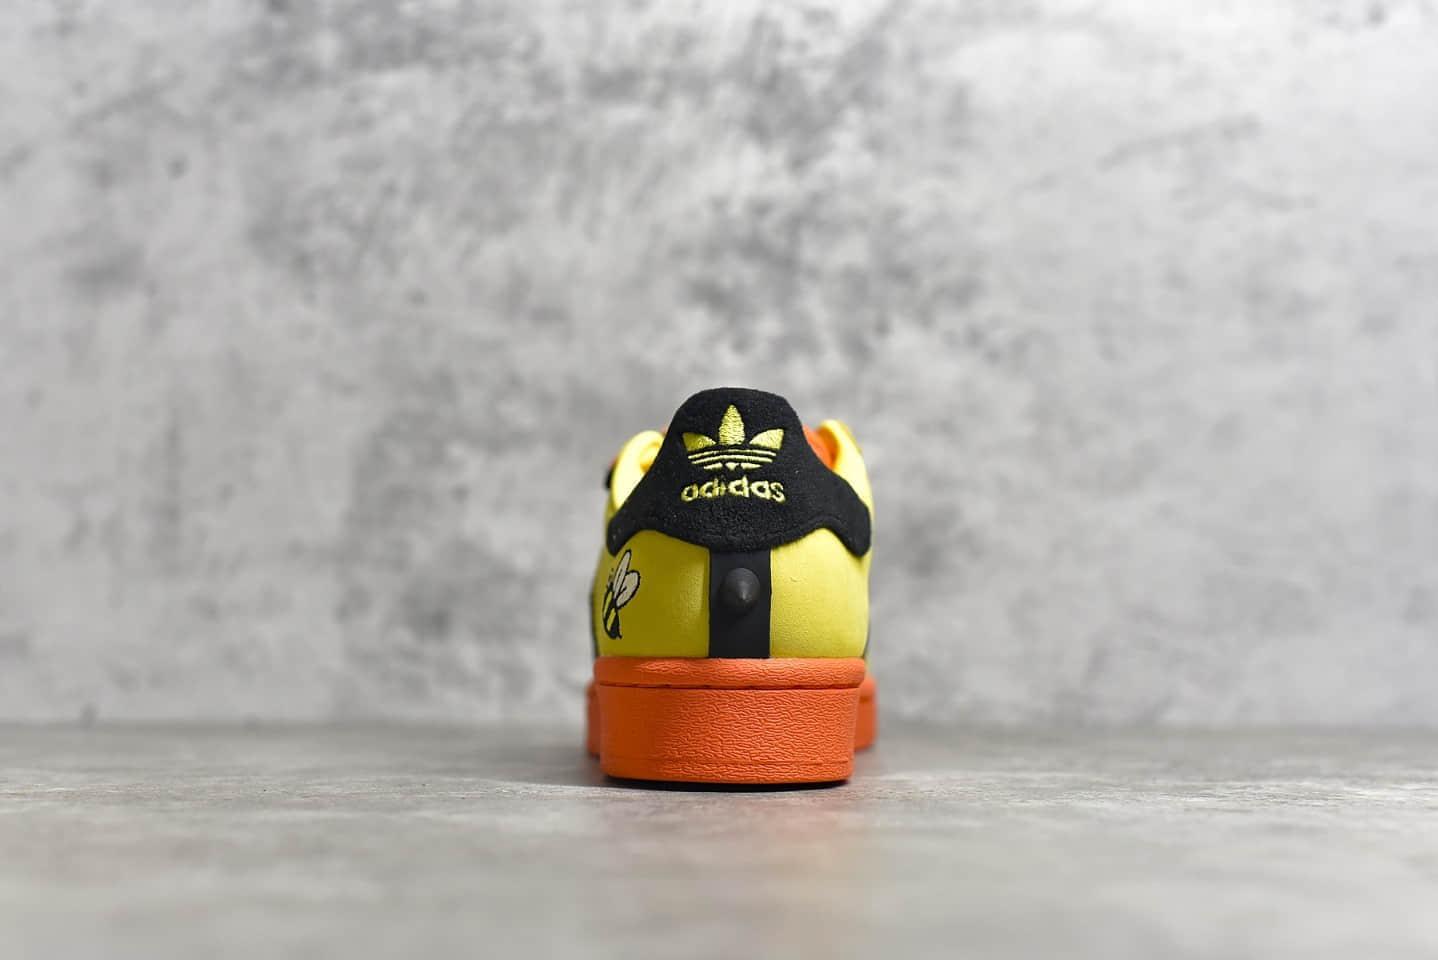 阿迪达斯贝壳头小蜜蜂联名 Melting Sadness x adidas Superstar 贝壳头黄色小蜜蜂 货号:FZ5254-潮流者之家